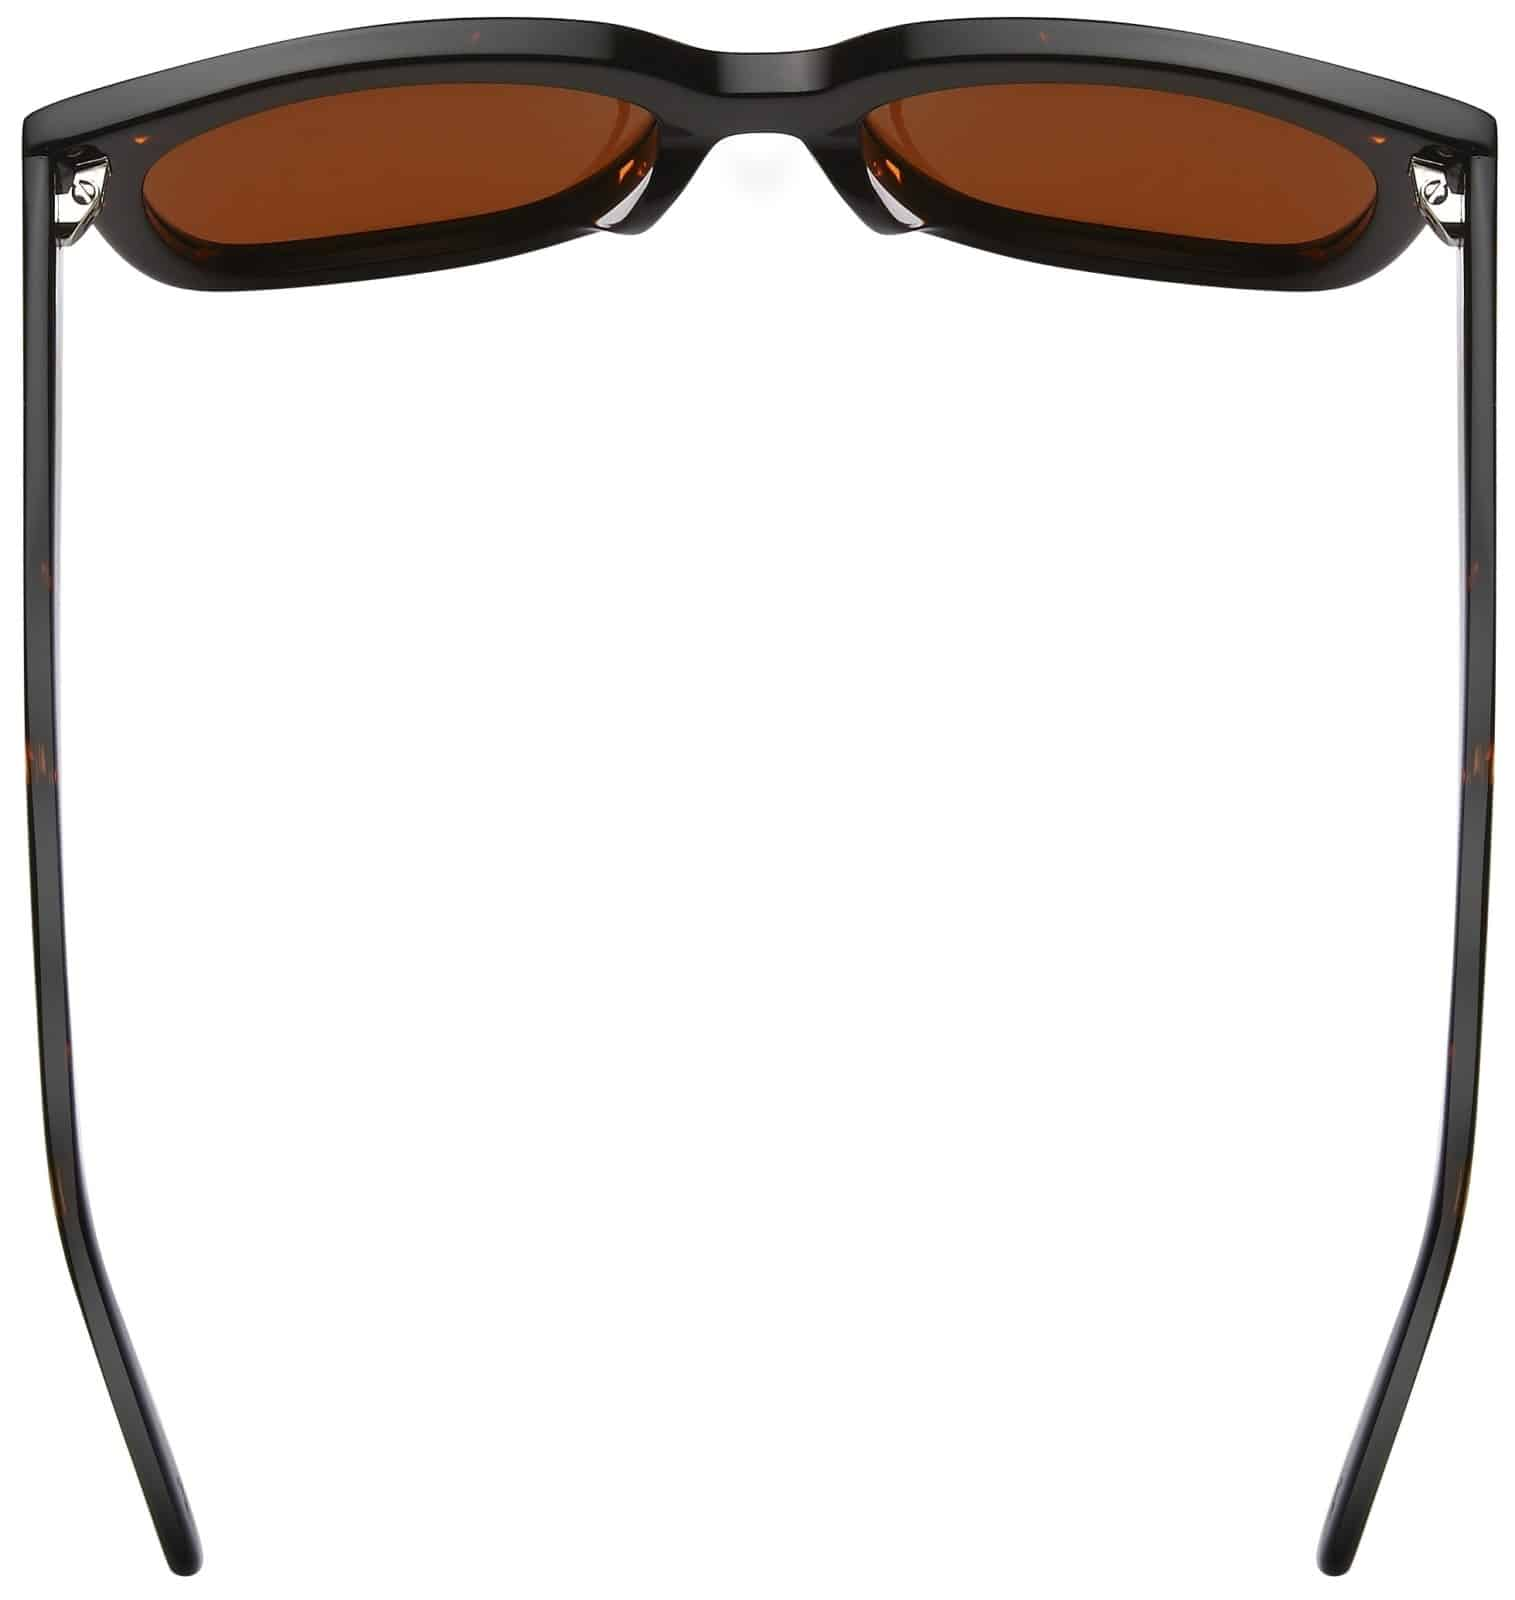 HIC FREYA Sunglasses